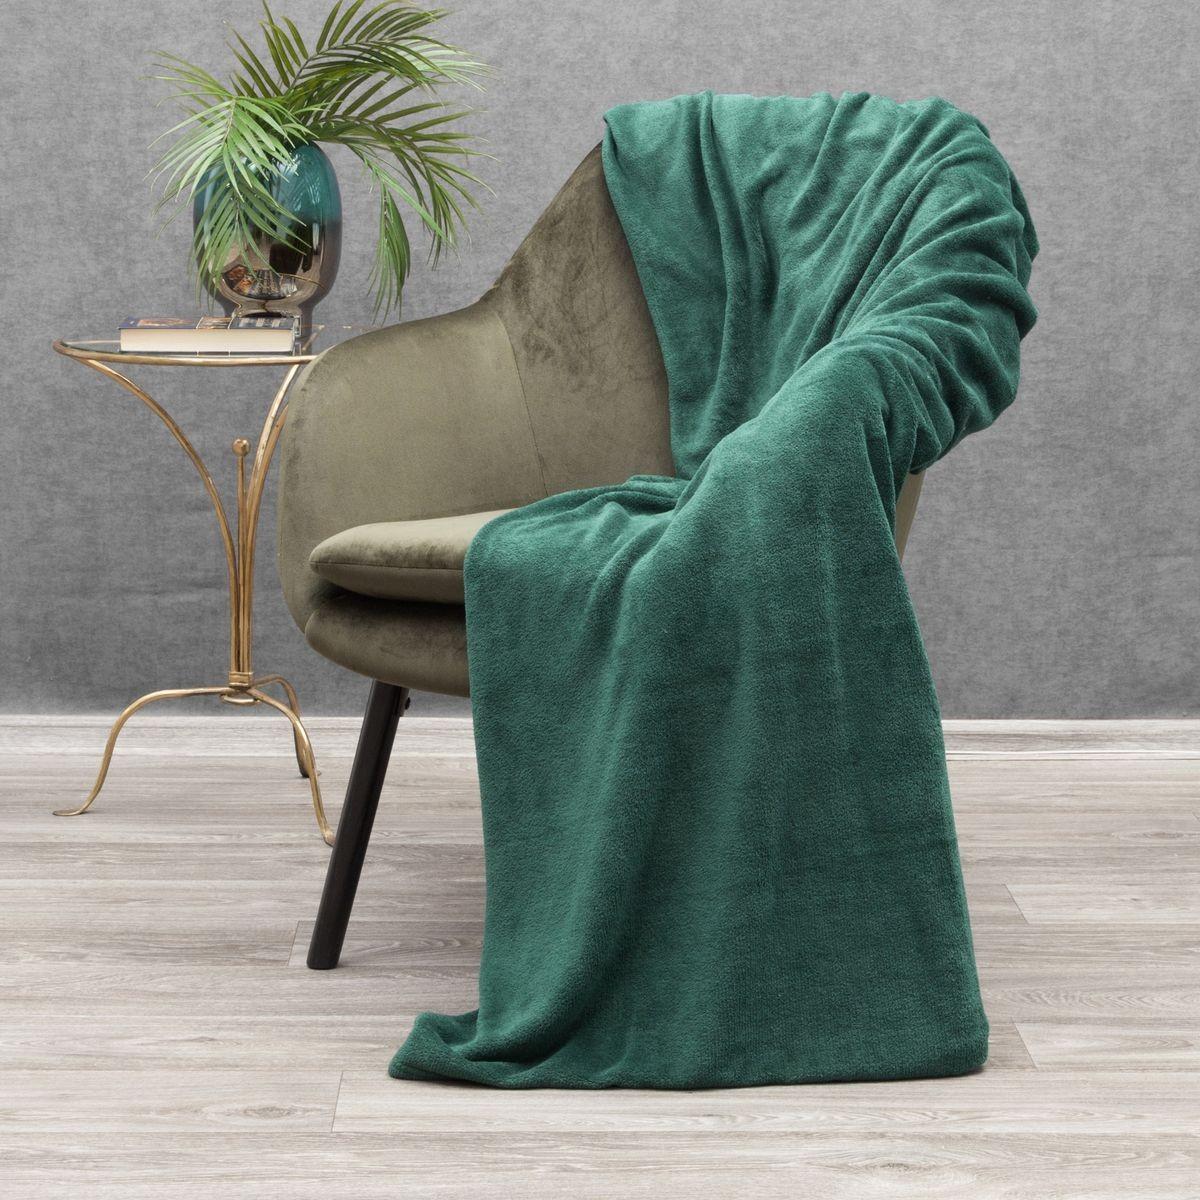 Tmavo zelená jednofarebná hrejivá deka 150 x 200 cm Šírka: 150 cm   Dĺžka: 200 cm